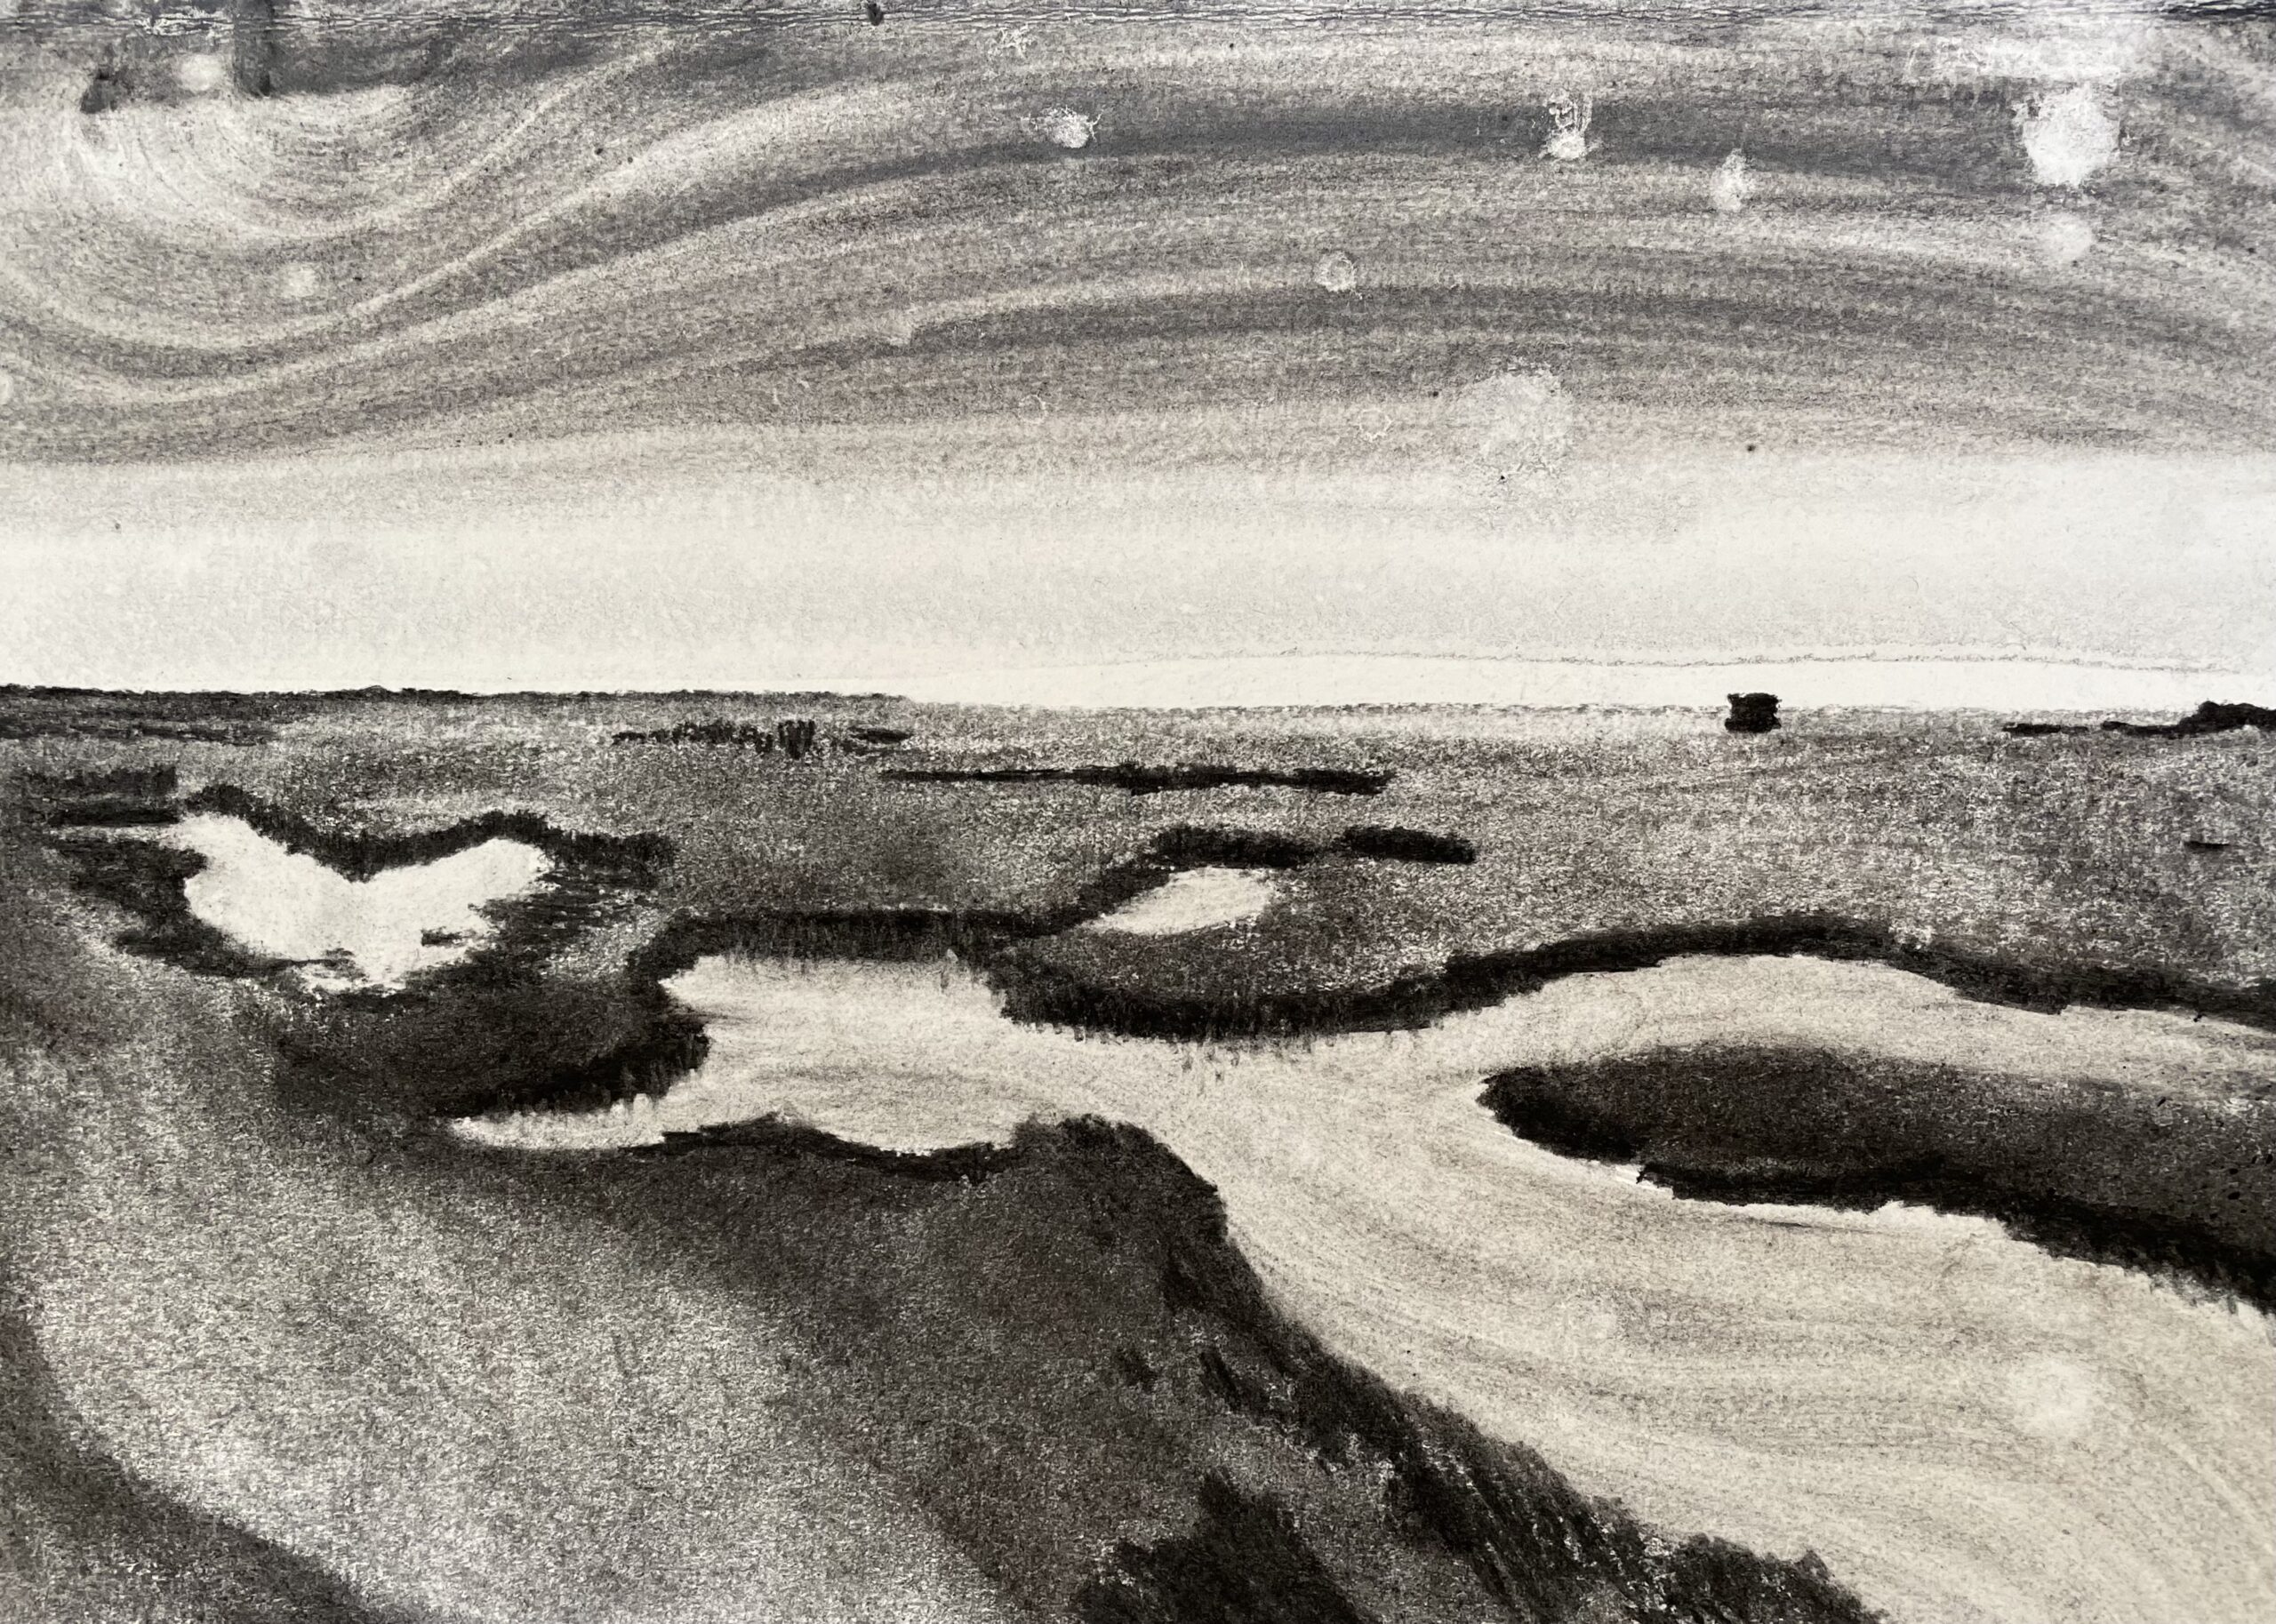 Saltmarsh Stiffkey III drawing